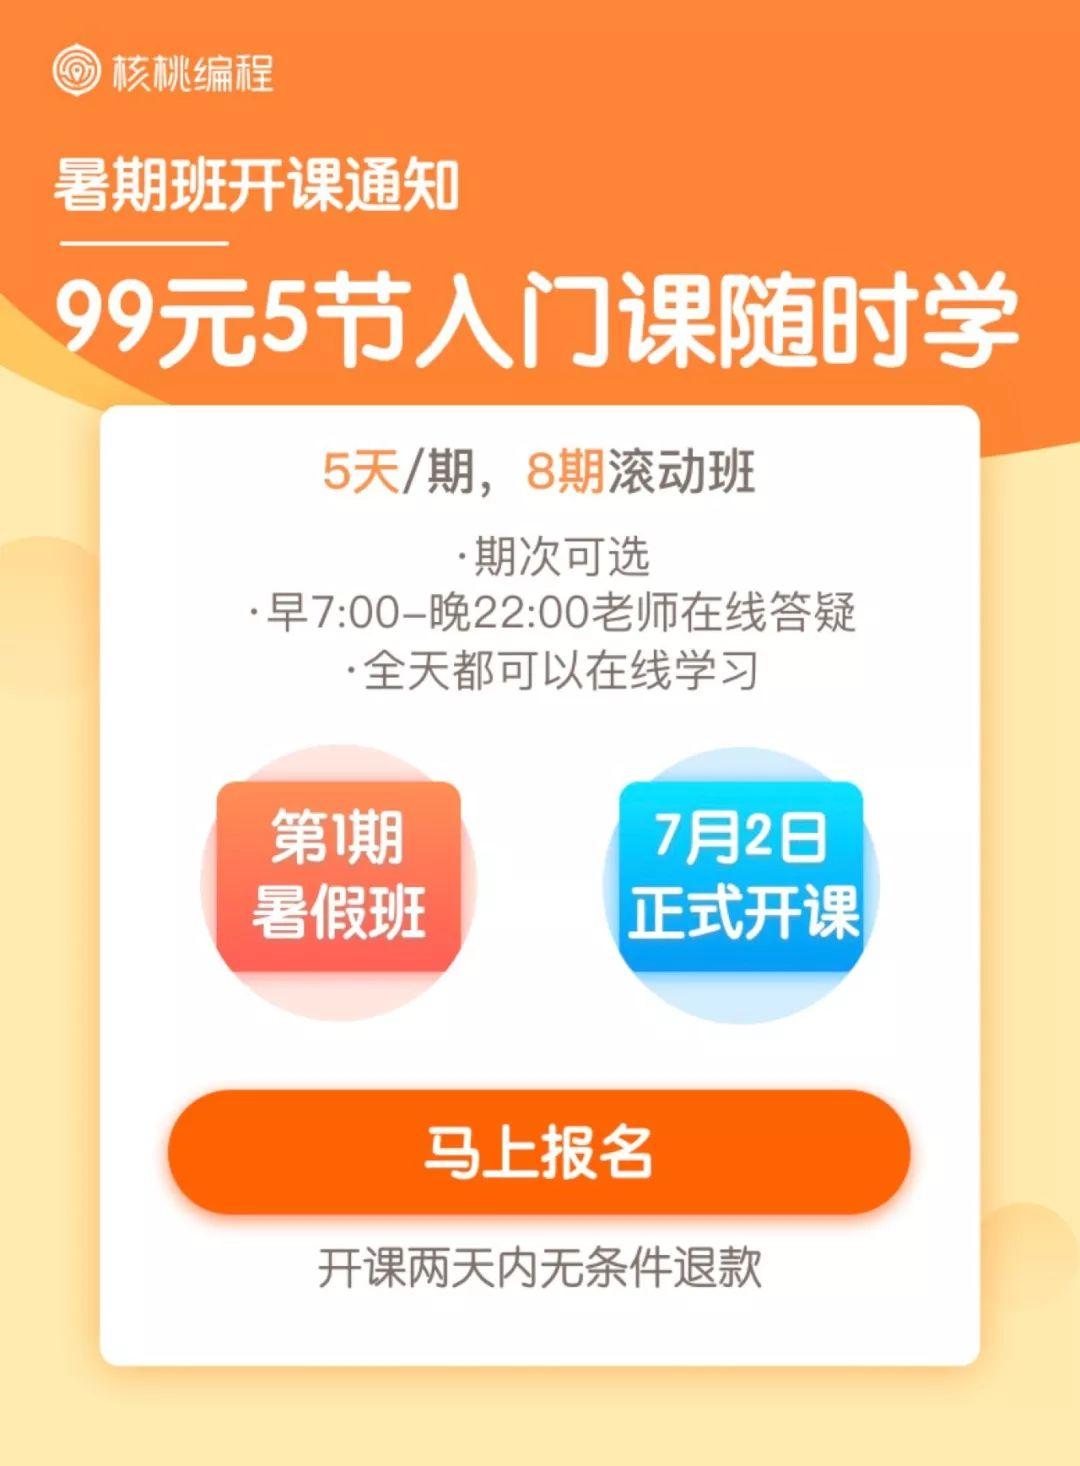 【限量抢】暑假编程班开报,8期任选,5天入门编程